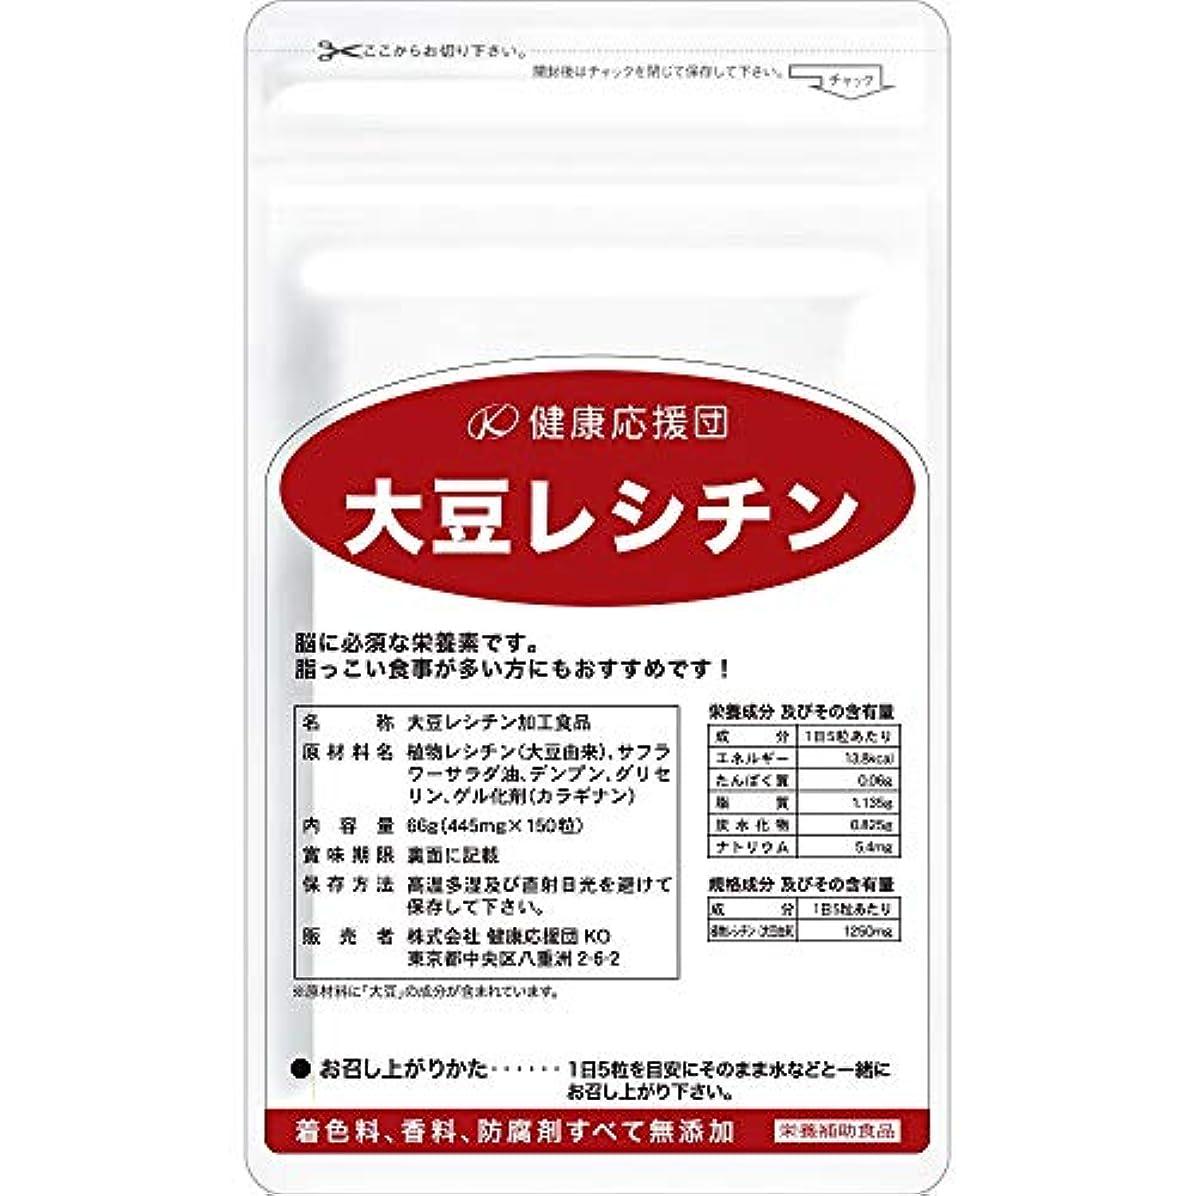 北アスレチック分類大豆レシチン (6袋)